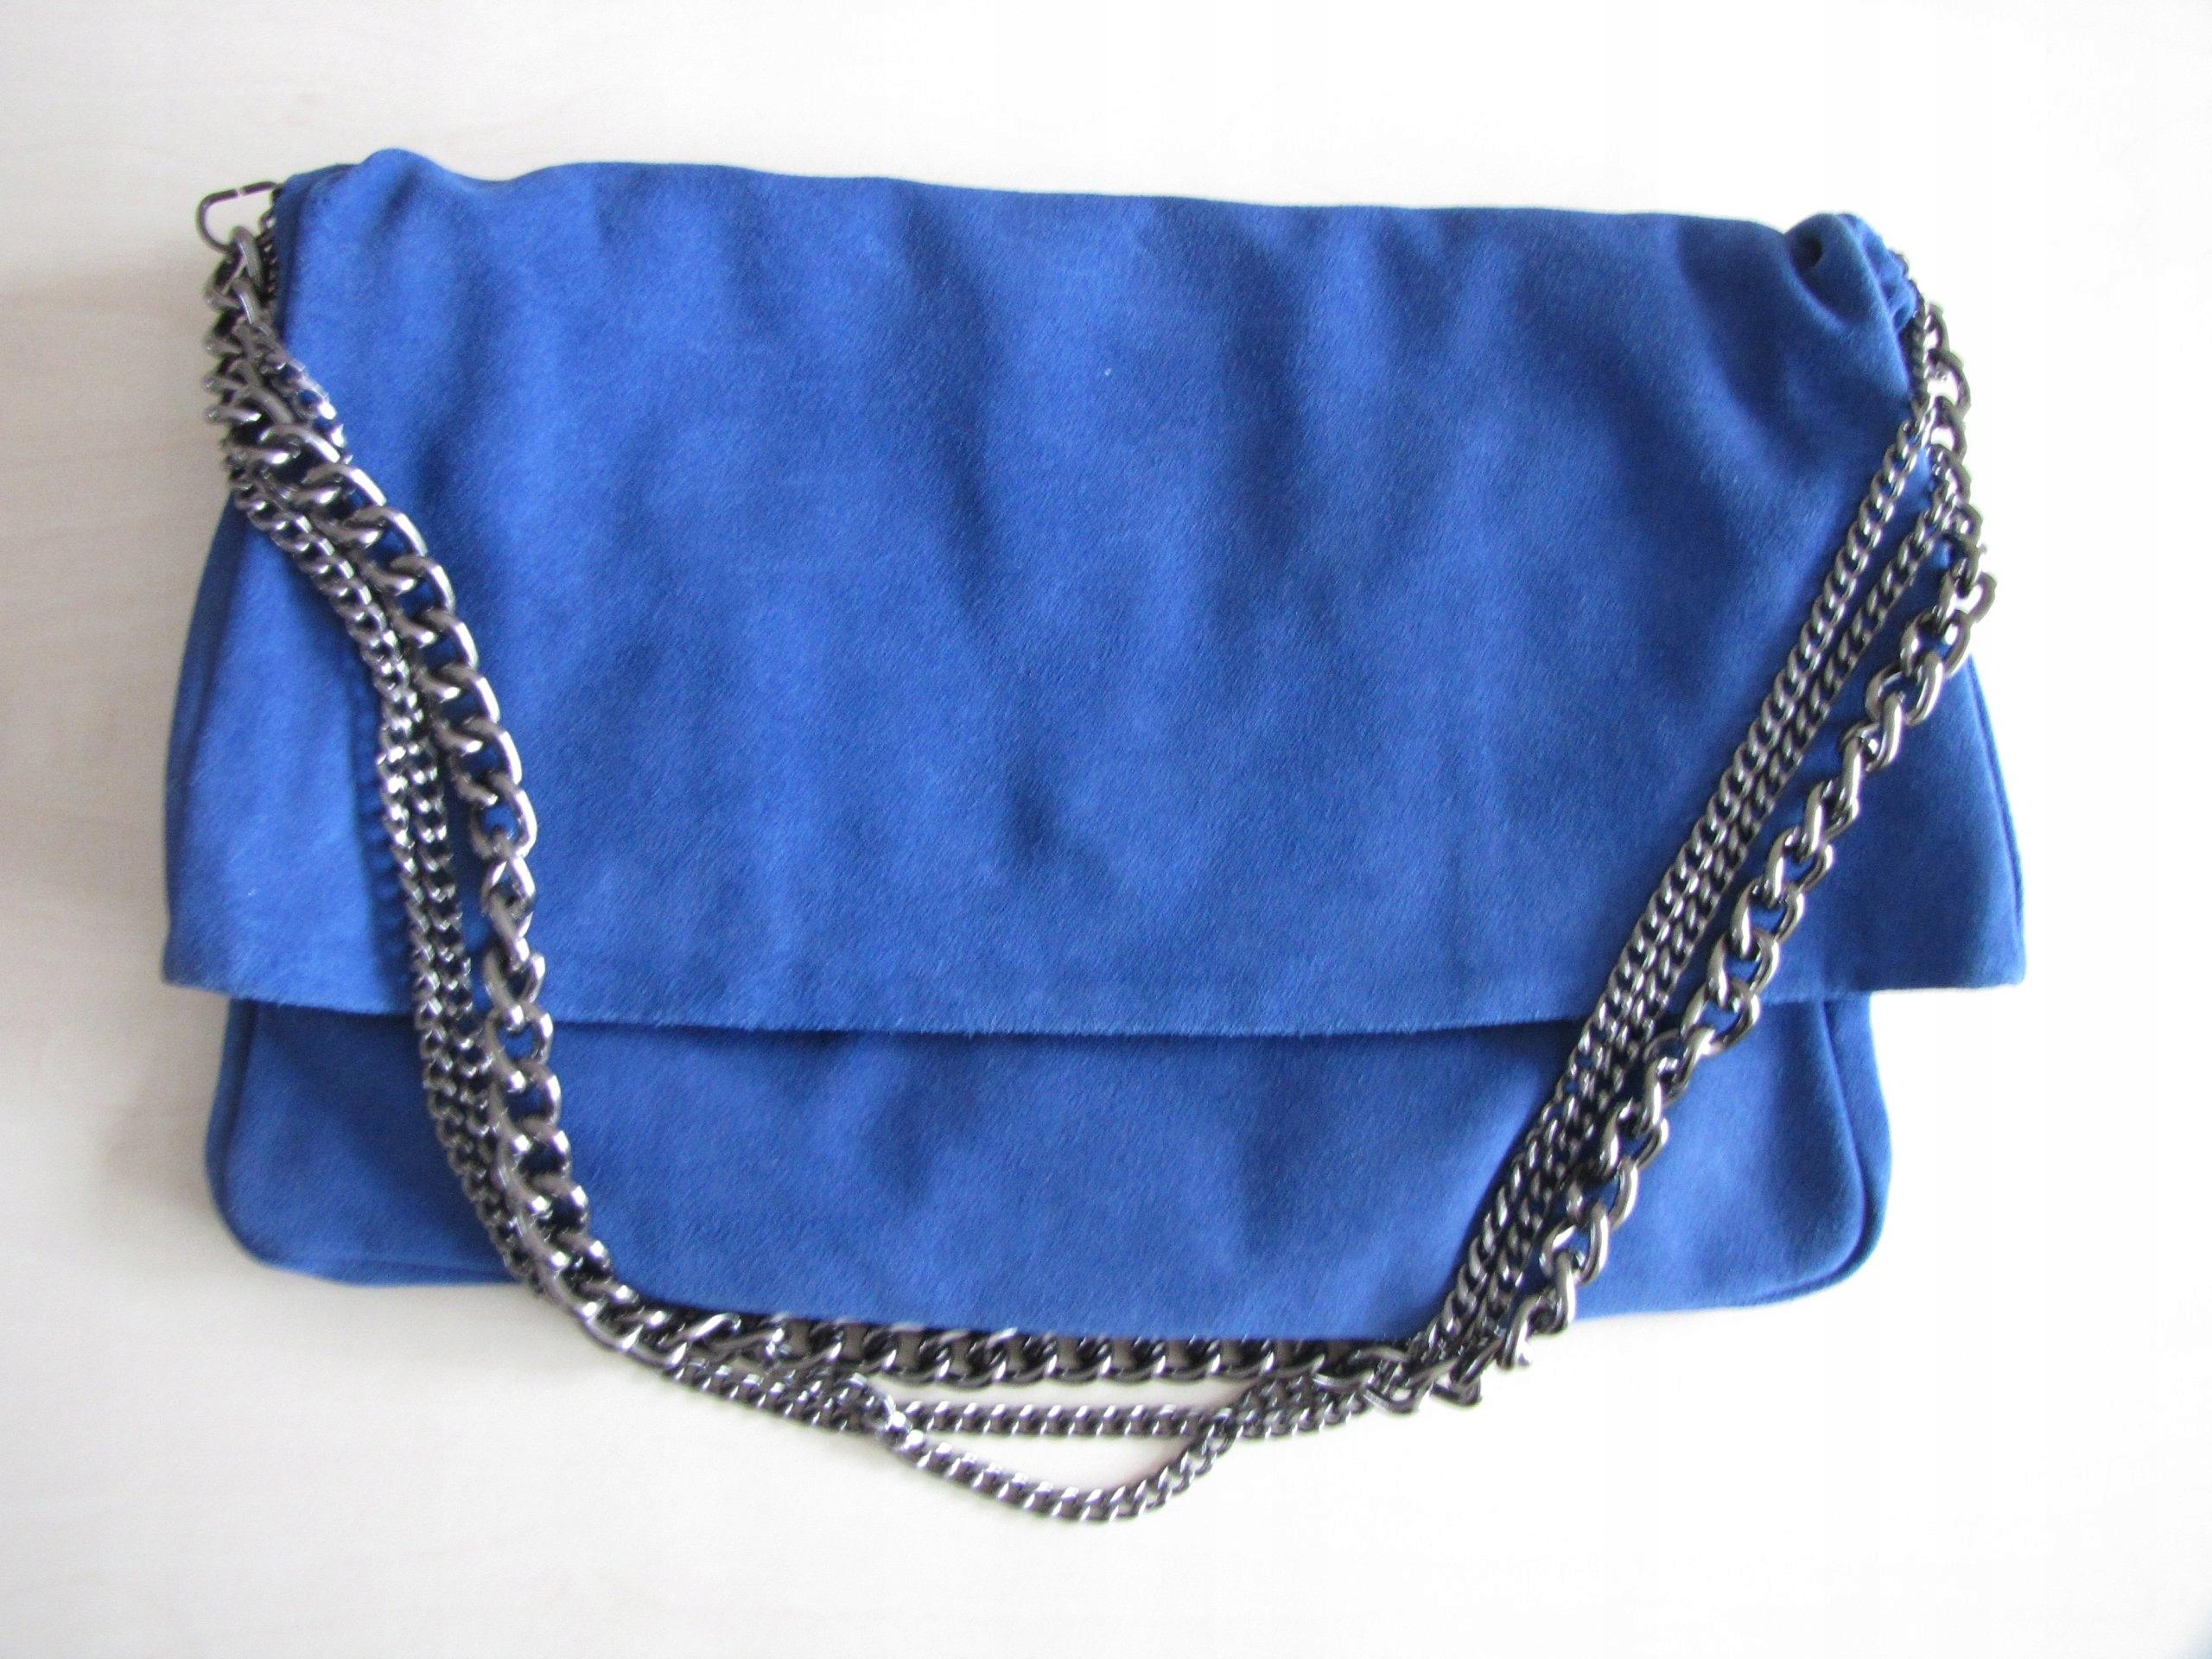 a71589078aac0 ZARA chabrowa torebka zamszowa kobaltowa łańcuchy - 7541994508 ...